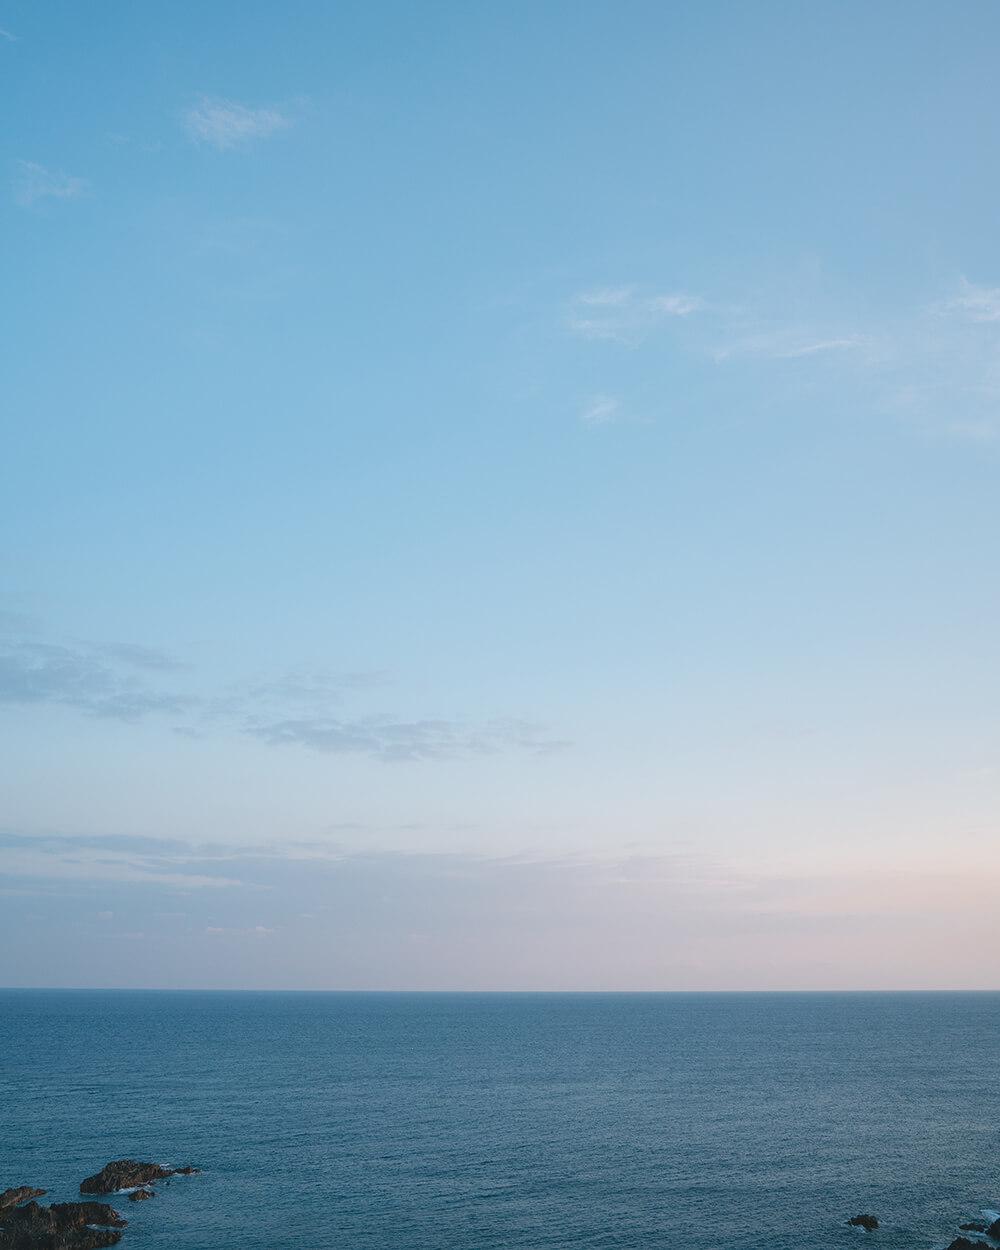 屋久島の海空 屋久島日々の暮らしとジュエリー オーダーメイドマリッジリングの制作途中